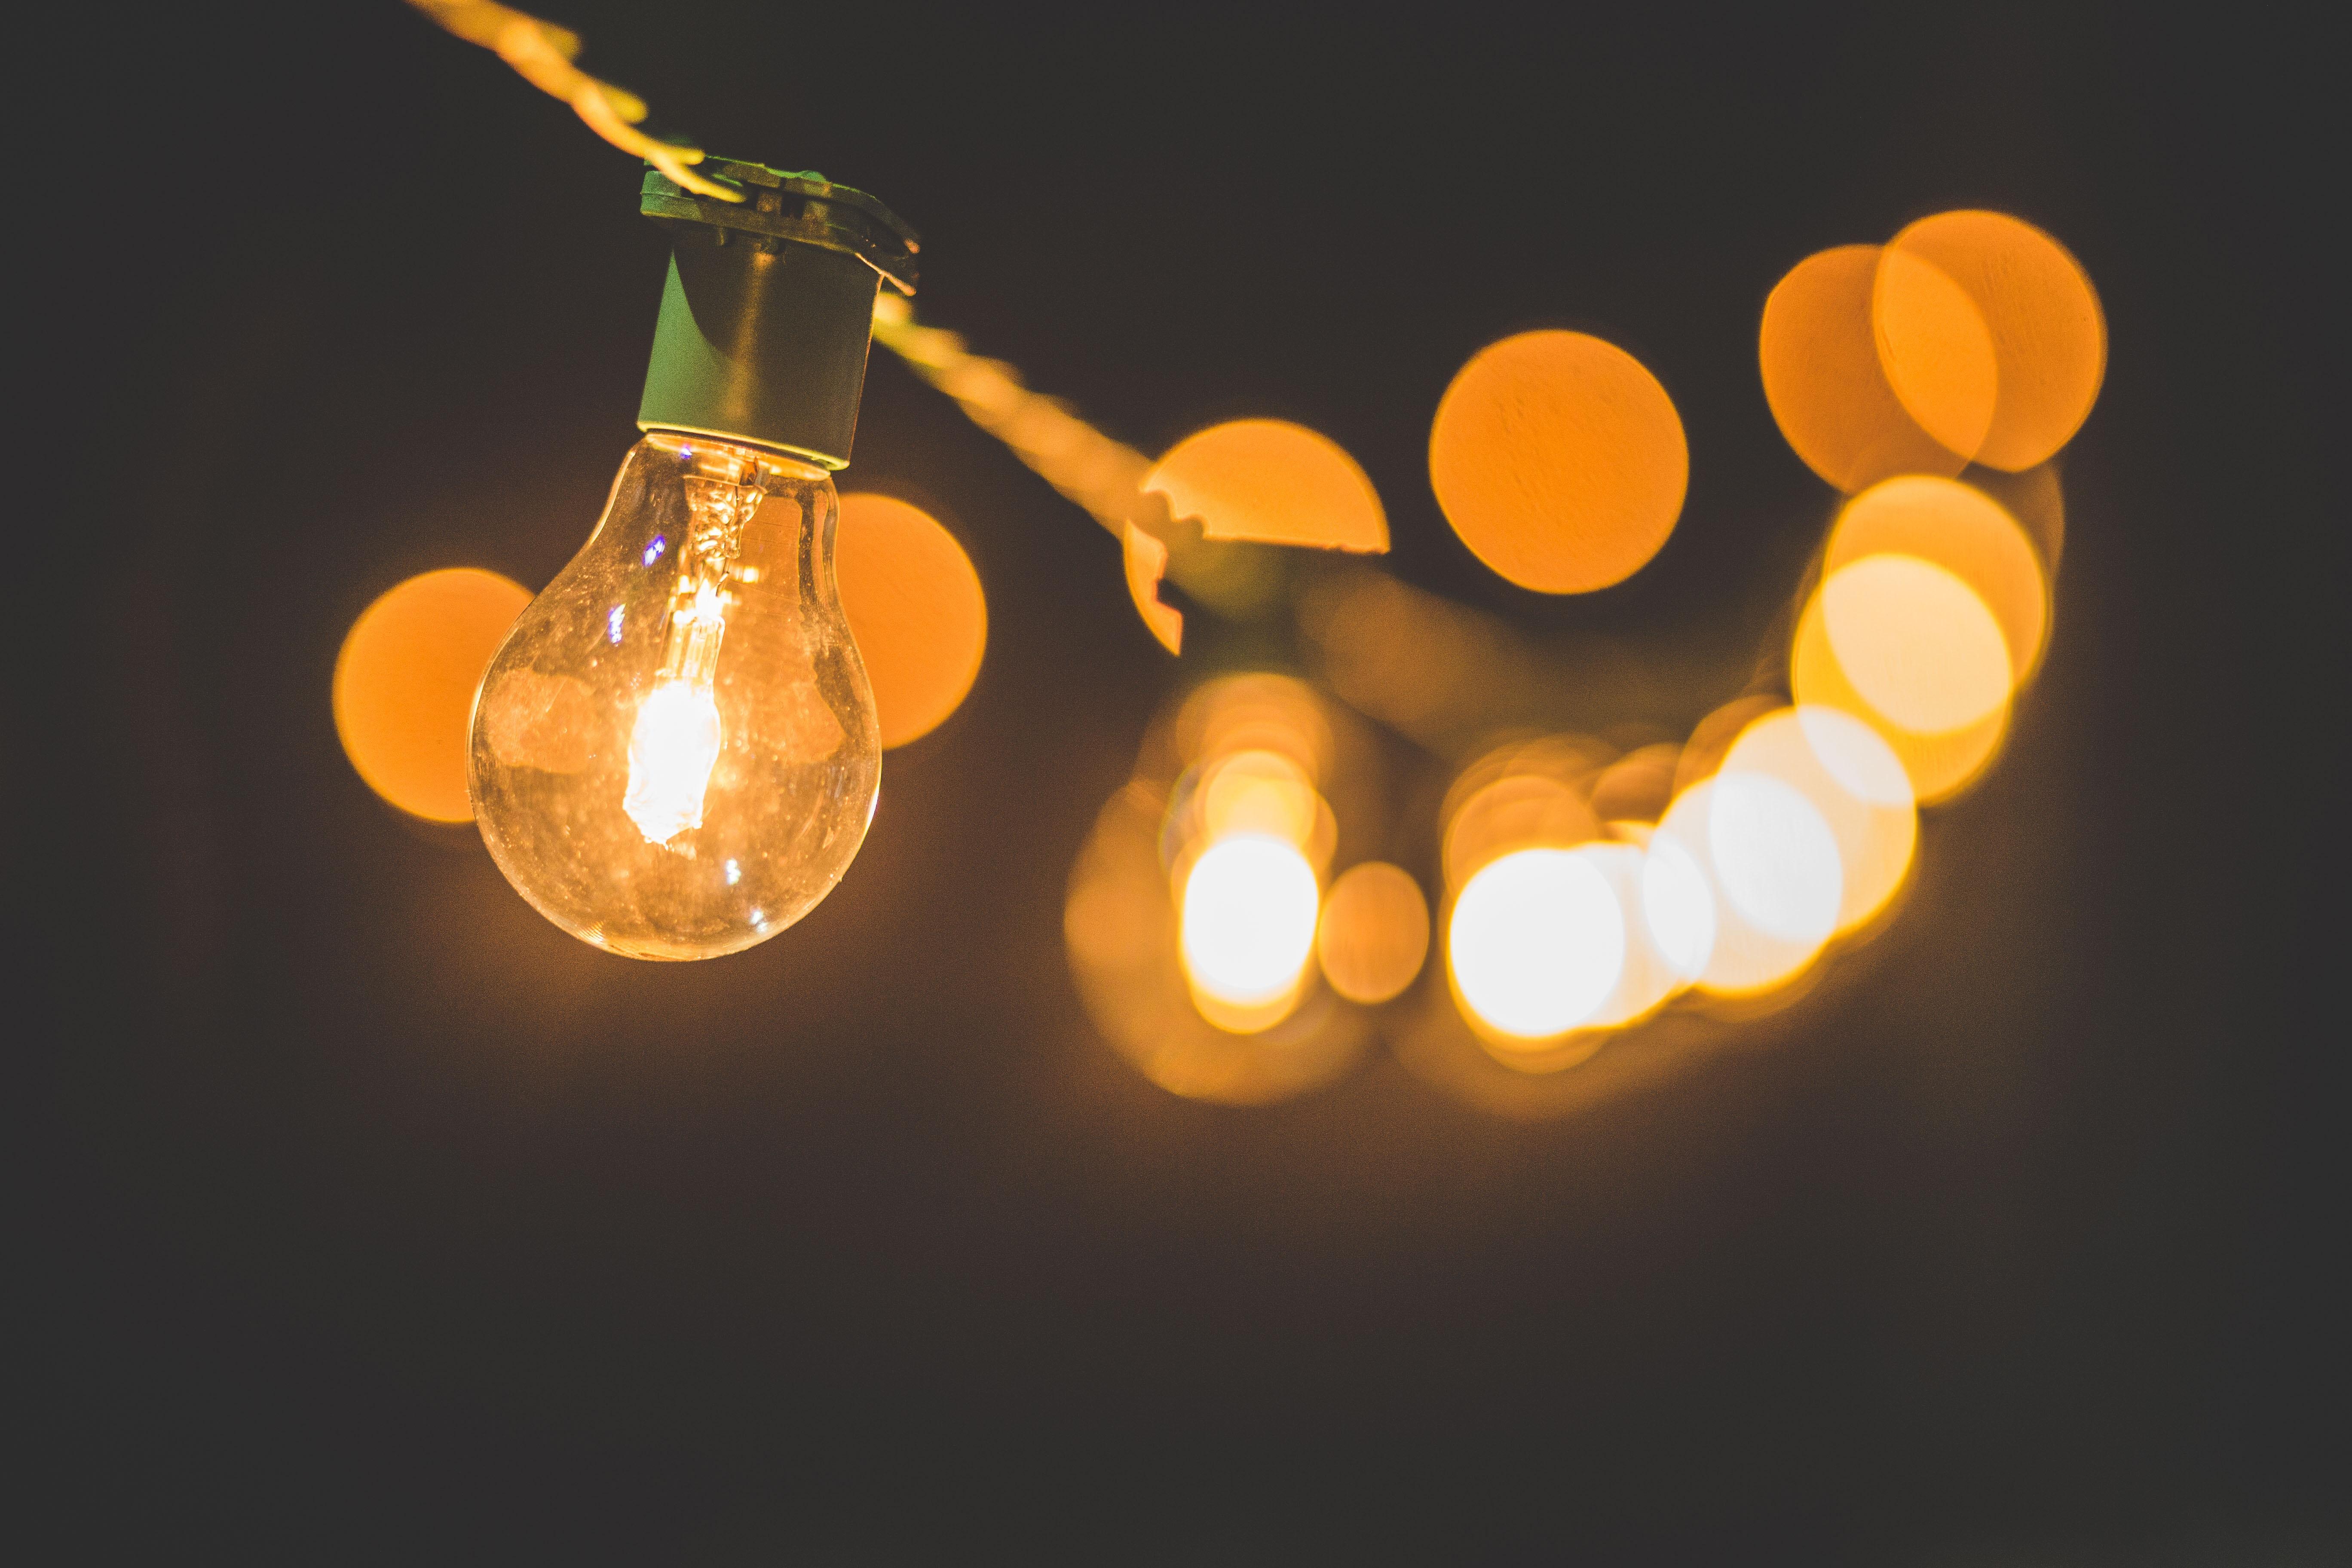 Iluminação LED mais barata: poupança até 100 euros durante a vida útil da lâmpada. / Luis Tosta/Unsplash